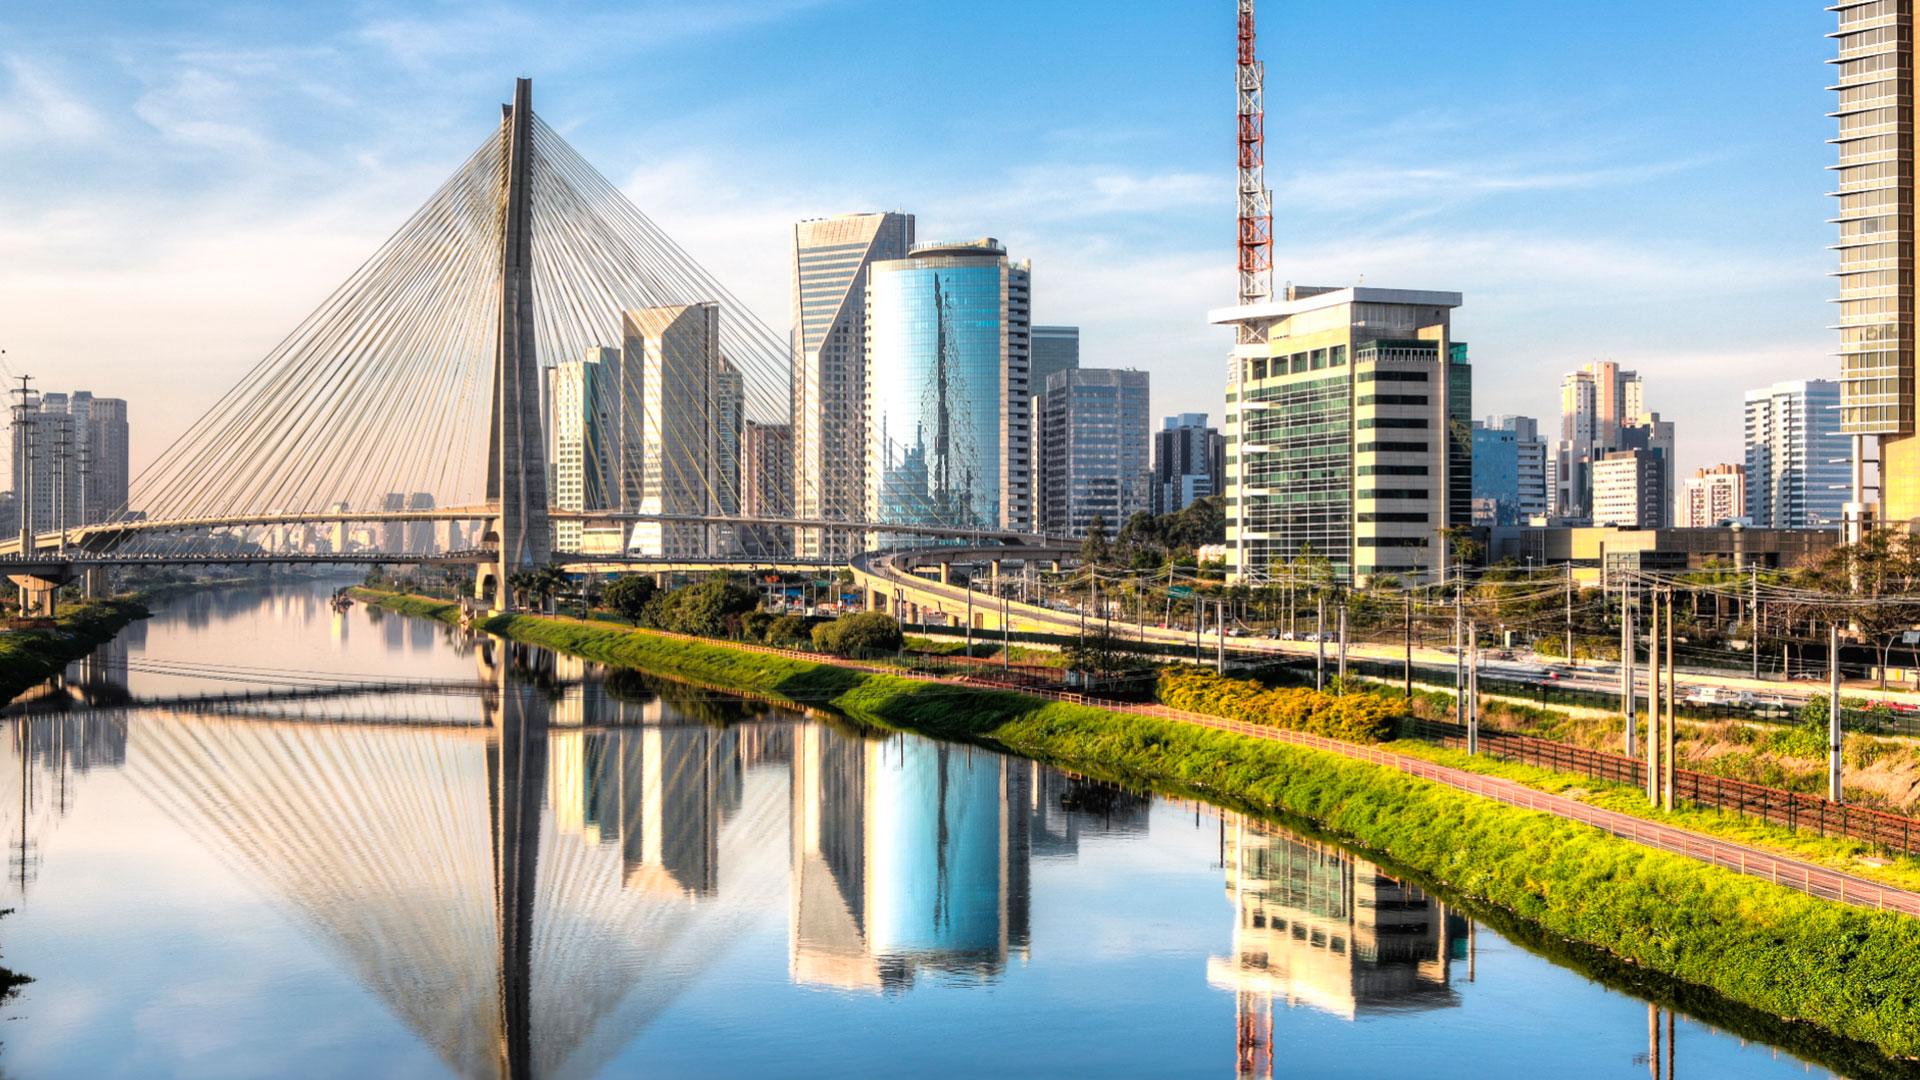 Mercado imobiliário no Rio - A retomada está se concretizando?